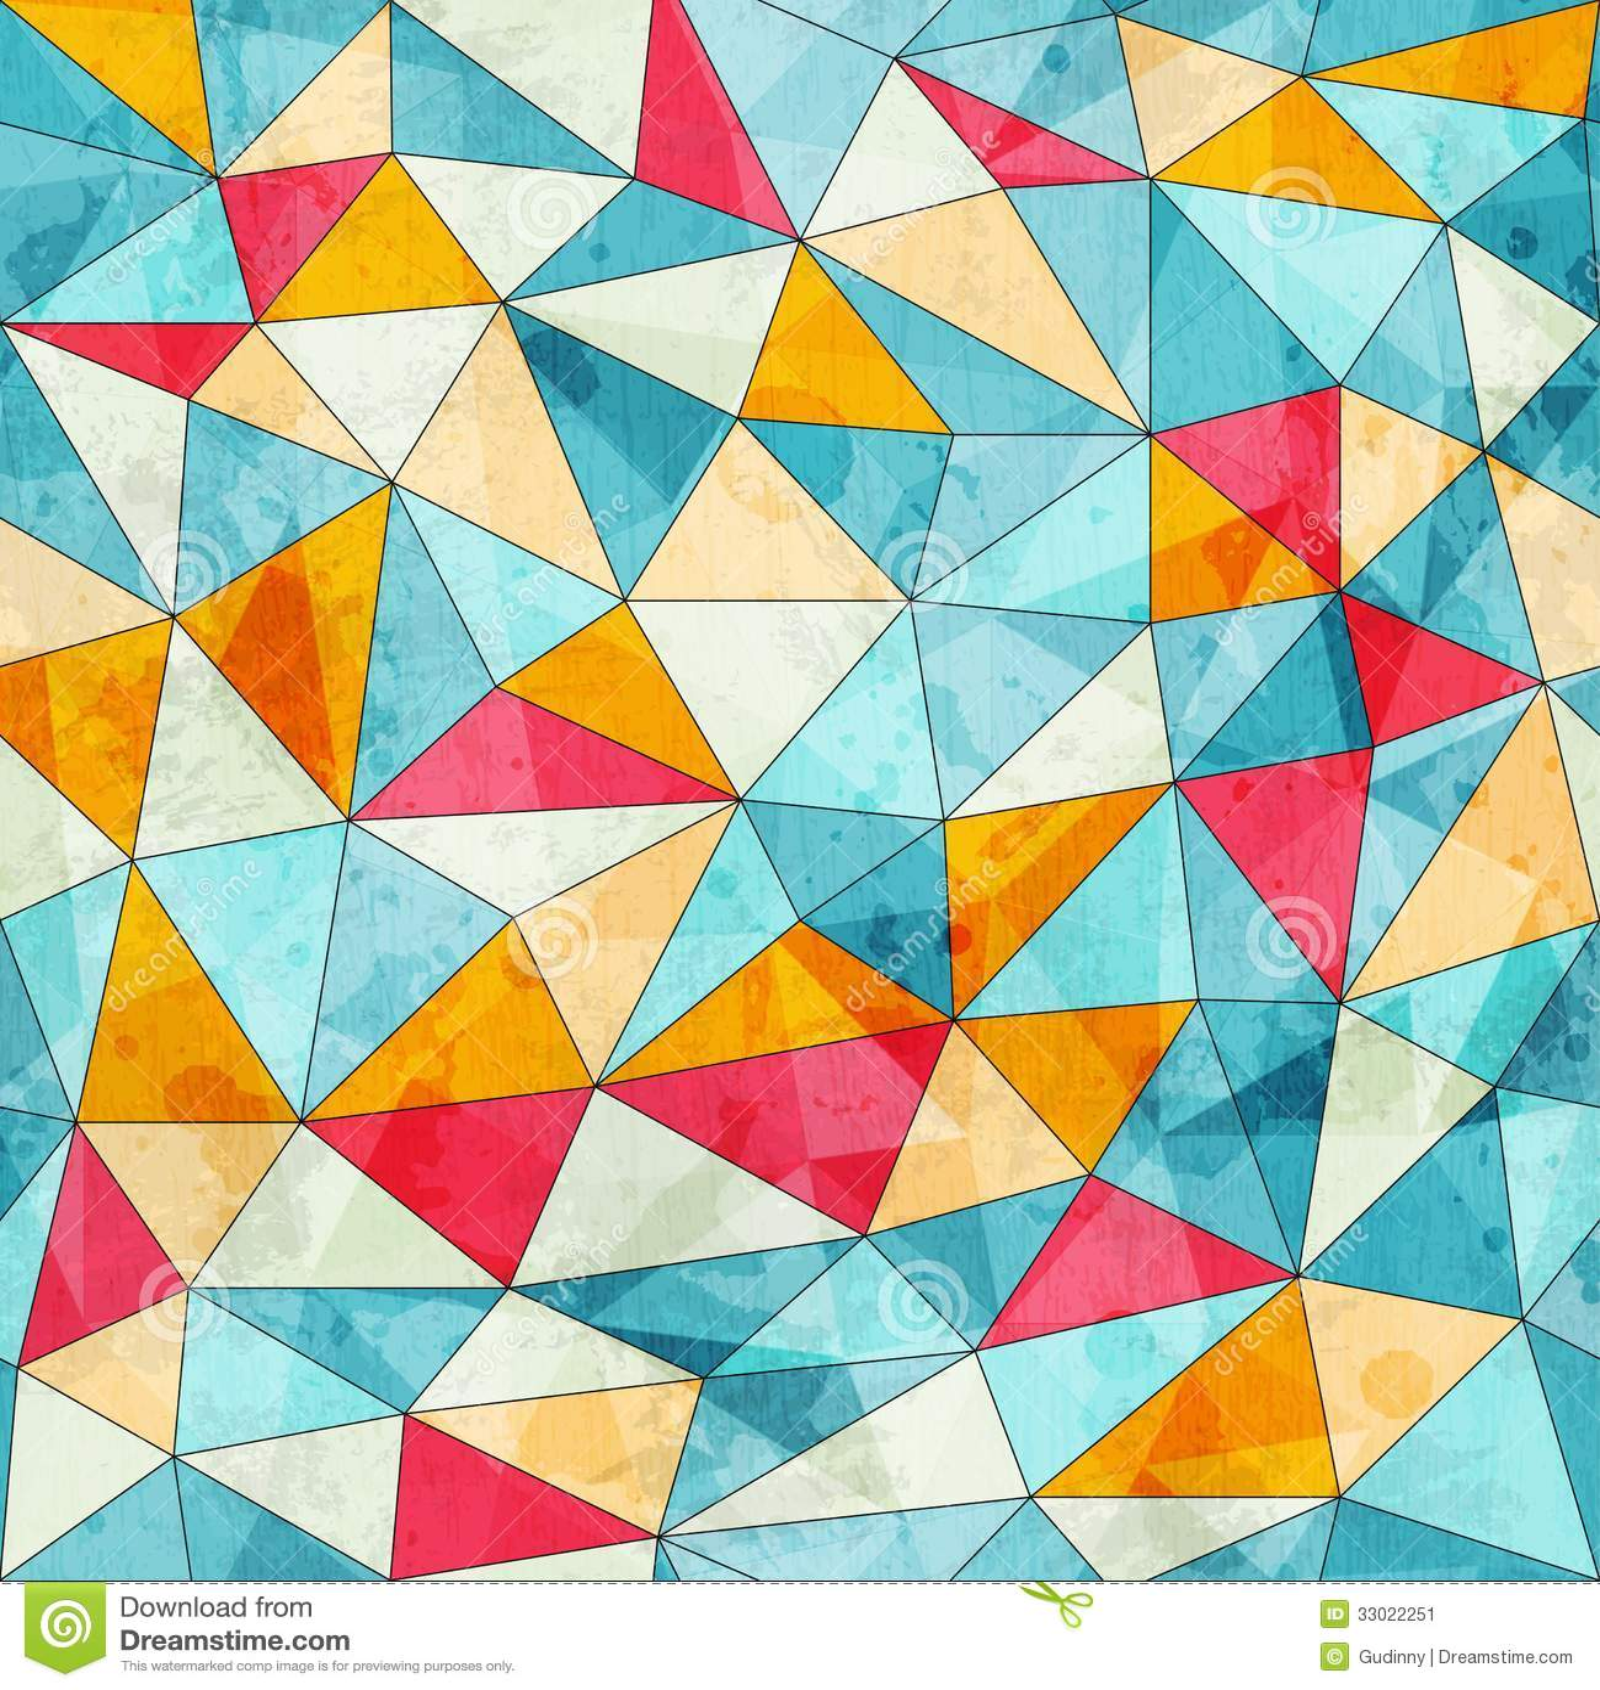 Wijnoogst gekleurd driehoeken naadloos patroon met grungeeffect stock afbeelding afbeelding - Wijnoogst ...